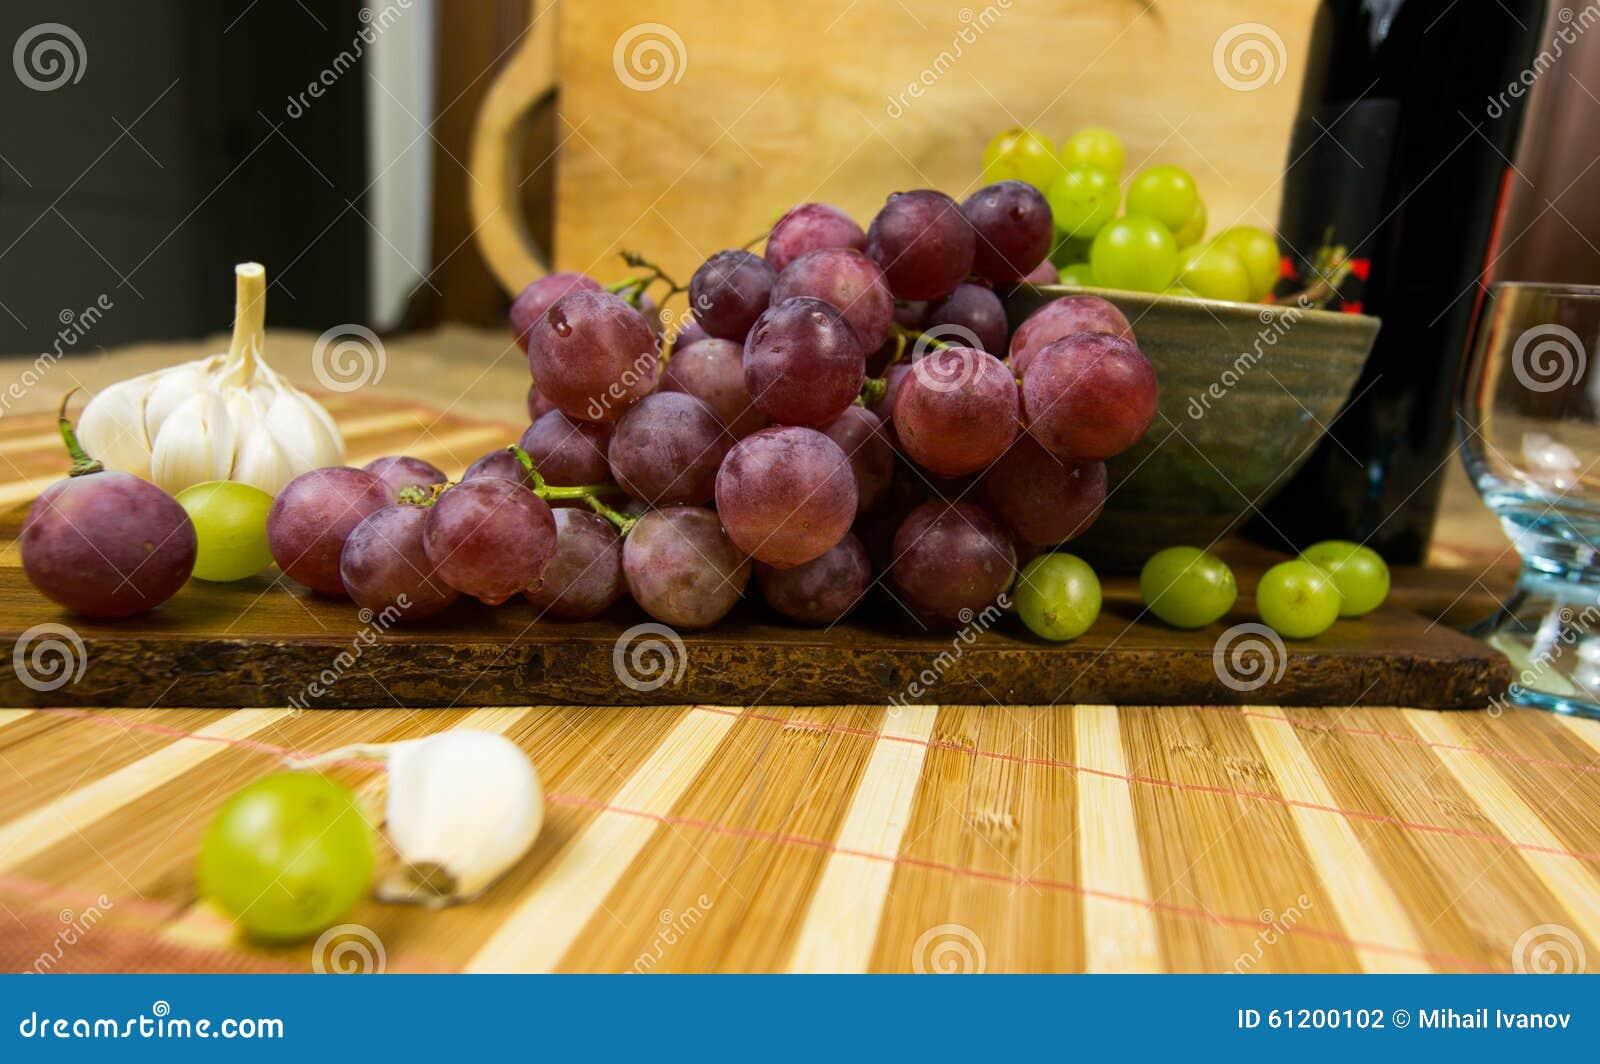 一个红色和黄色麝香葡萄的侧视图上色了葡萄、瓶酒,大蒜和一块玻璃在一个木板-静物画